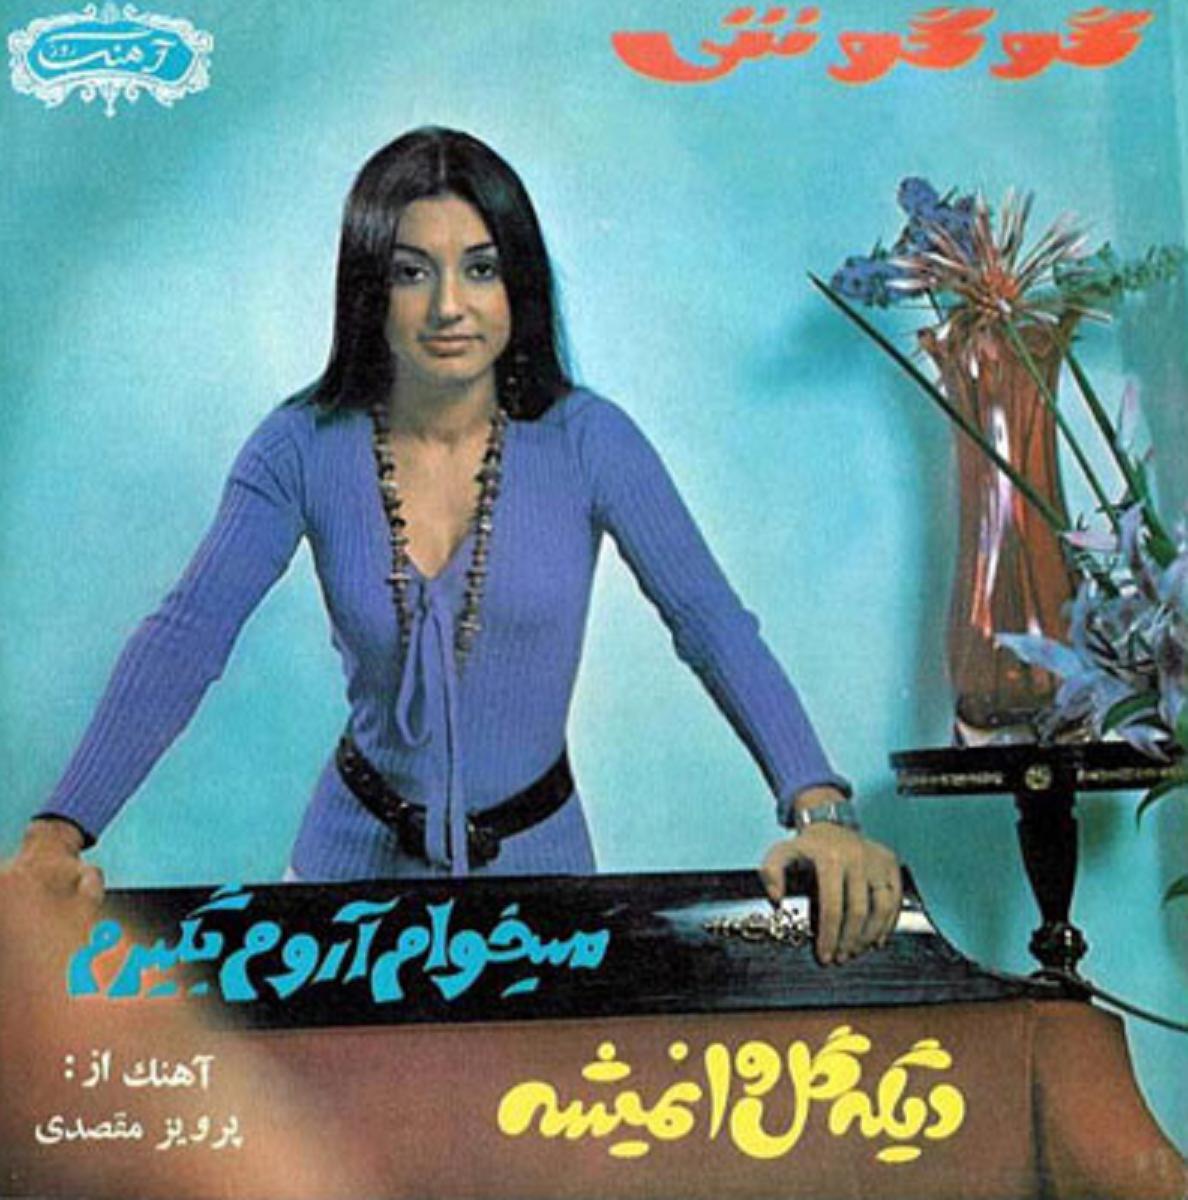 Photo représentant une pochette de disque de la chanteuse Googoosh en Iran Jewpop